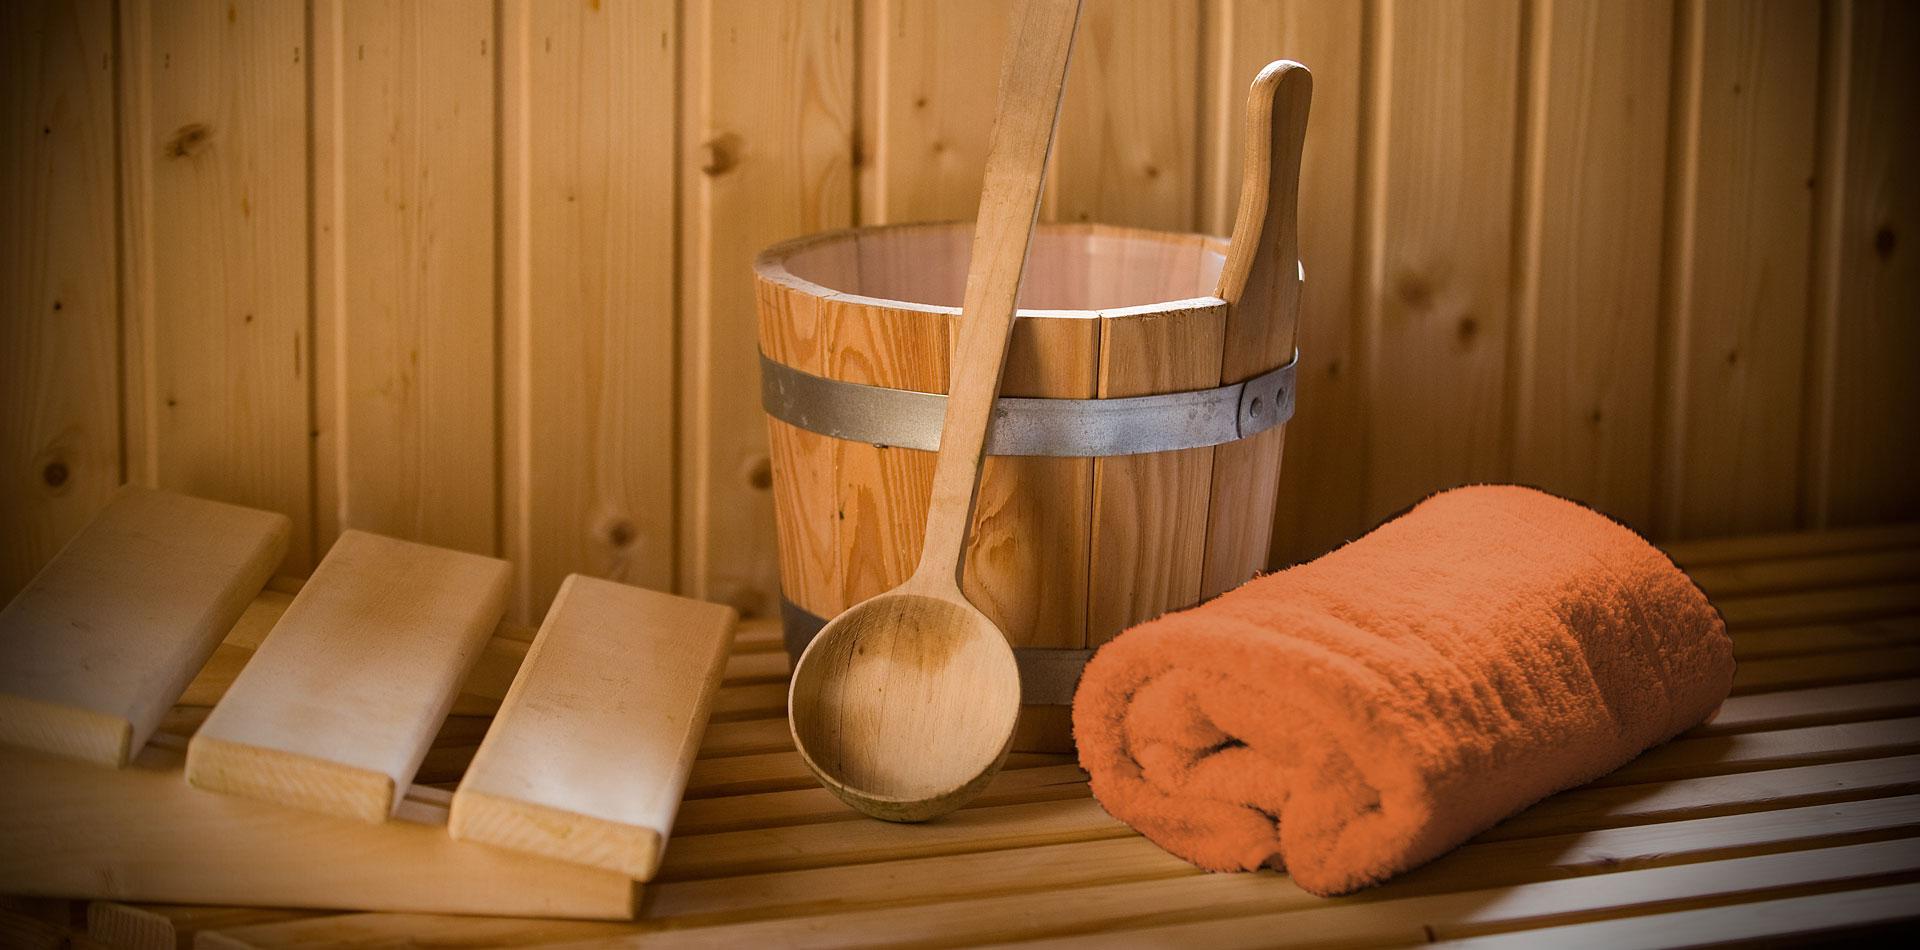 Saunazubehör, z. B. Kopfstütze, Saunatuch und Fußkübel zum Entspannen